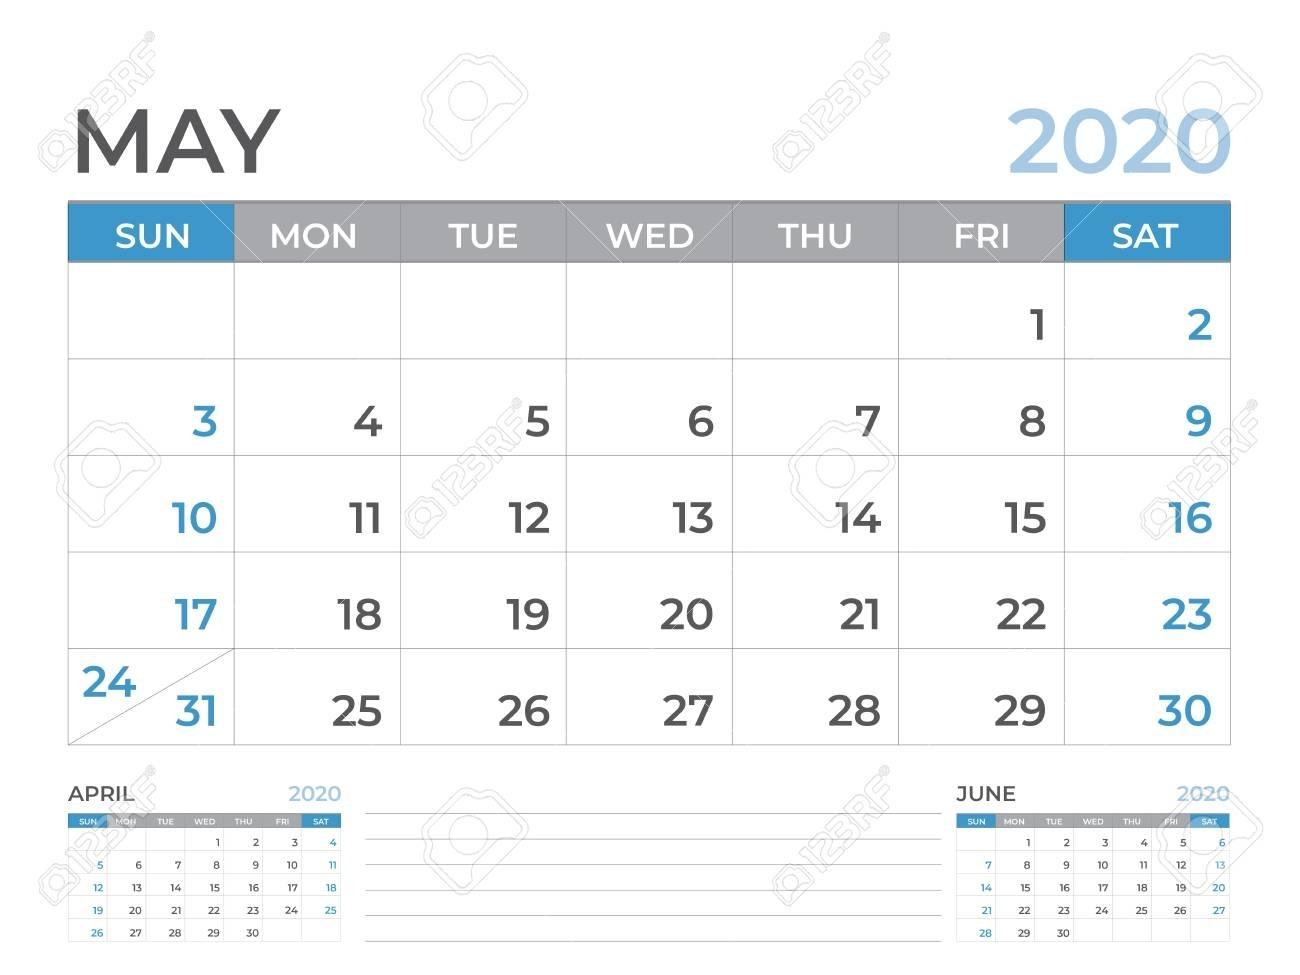 May 2020 Calendar Template, Desk Calendar Layout Size 8 X 6..